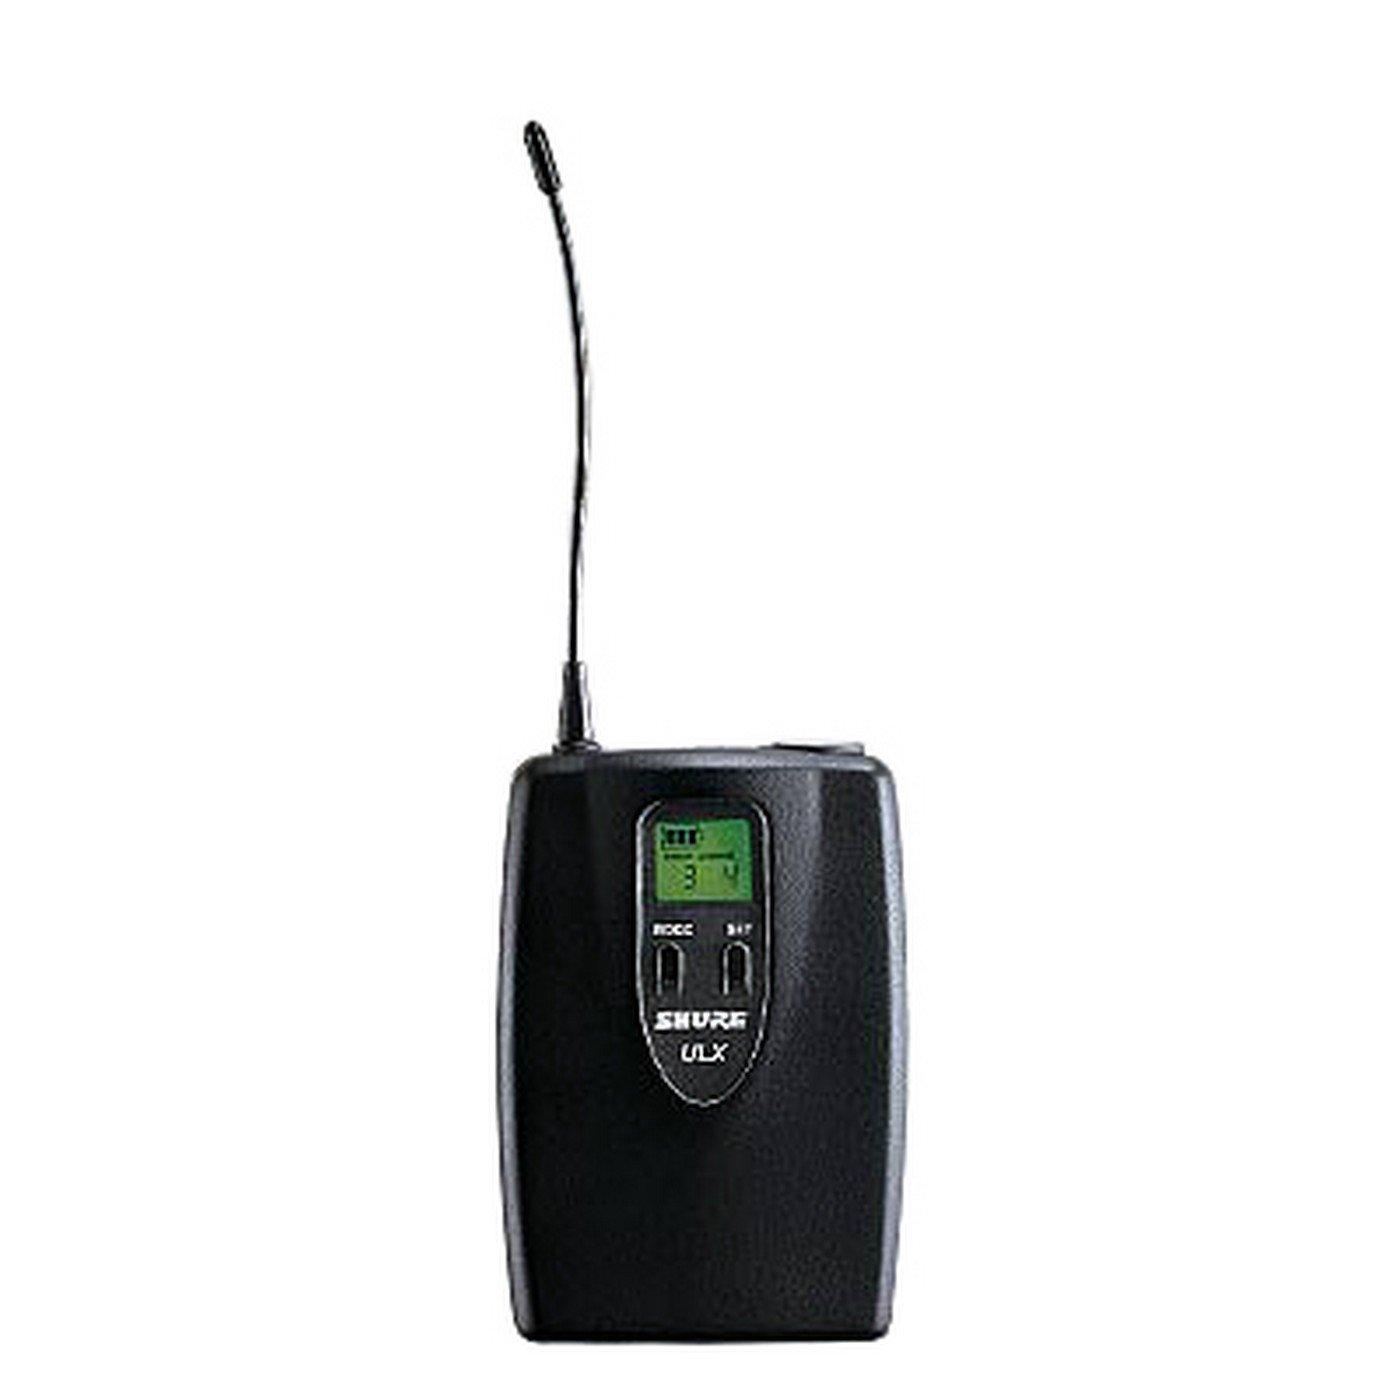 Shure ULX1 G3   ULX Series Bodypack Transmitter